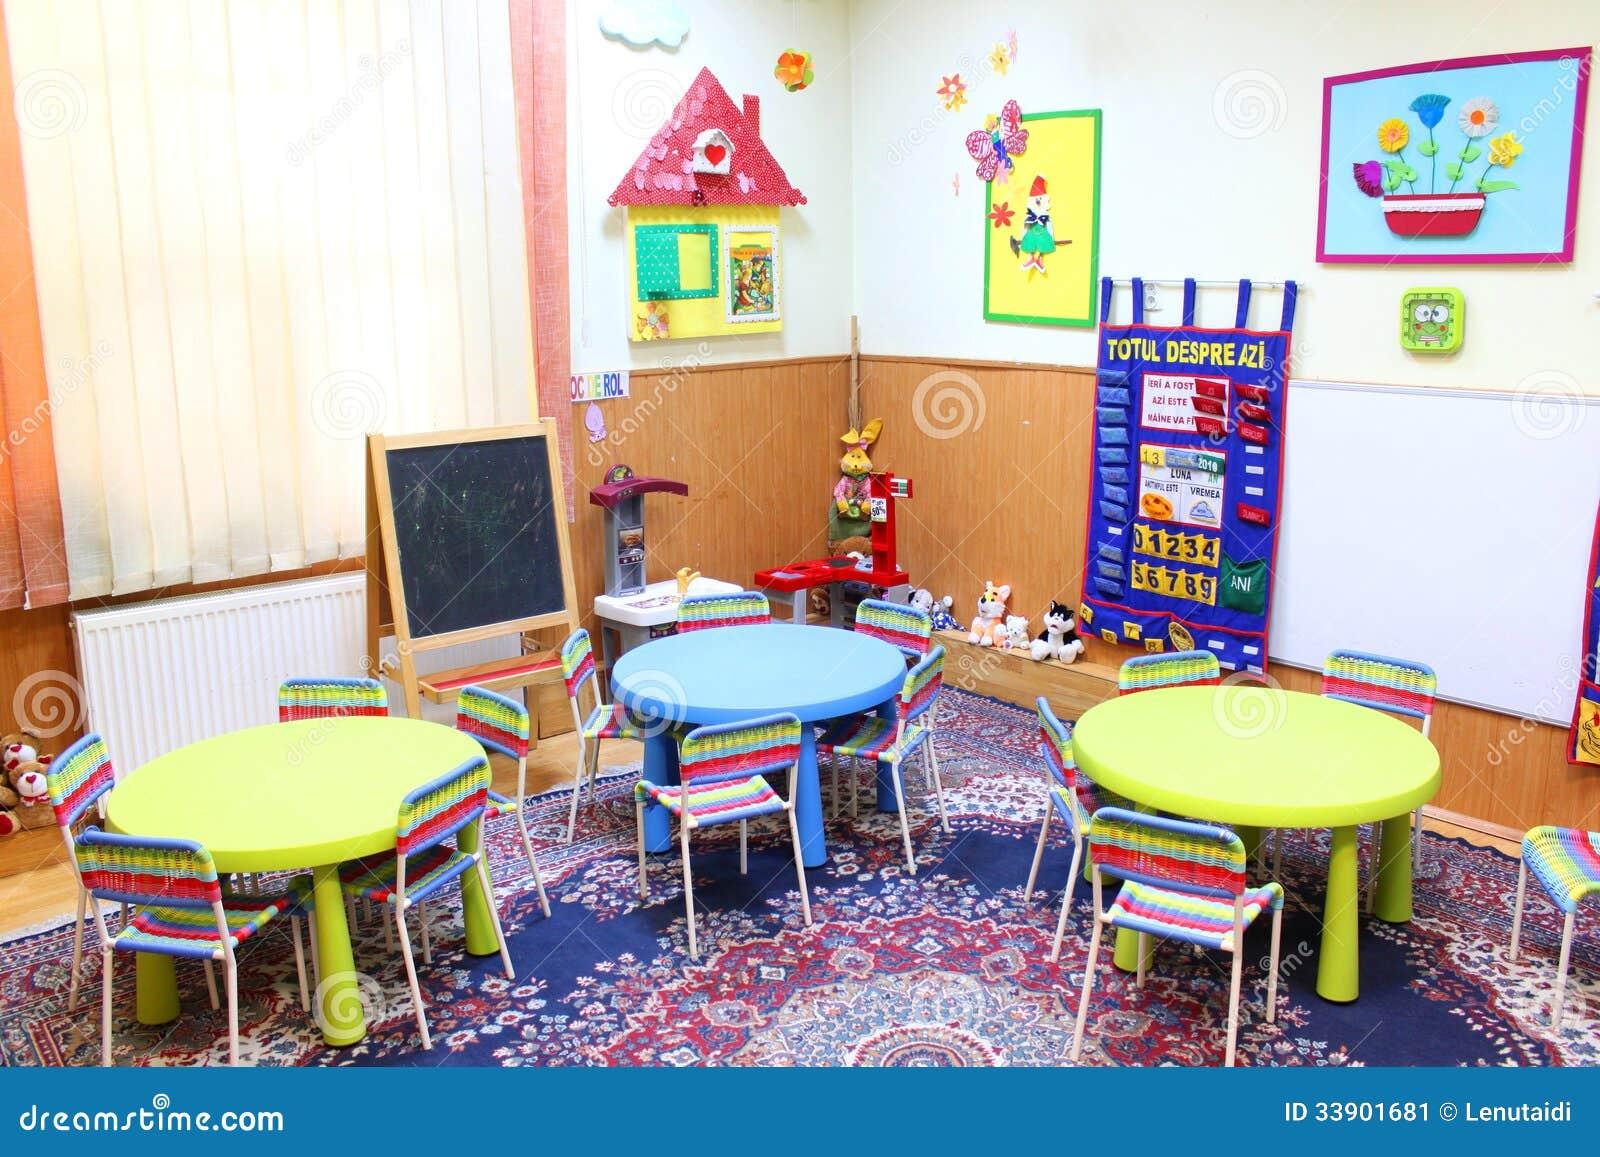 imagens jardim de infancia:Kindergarten Classroom Kids